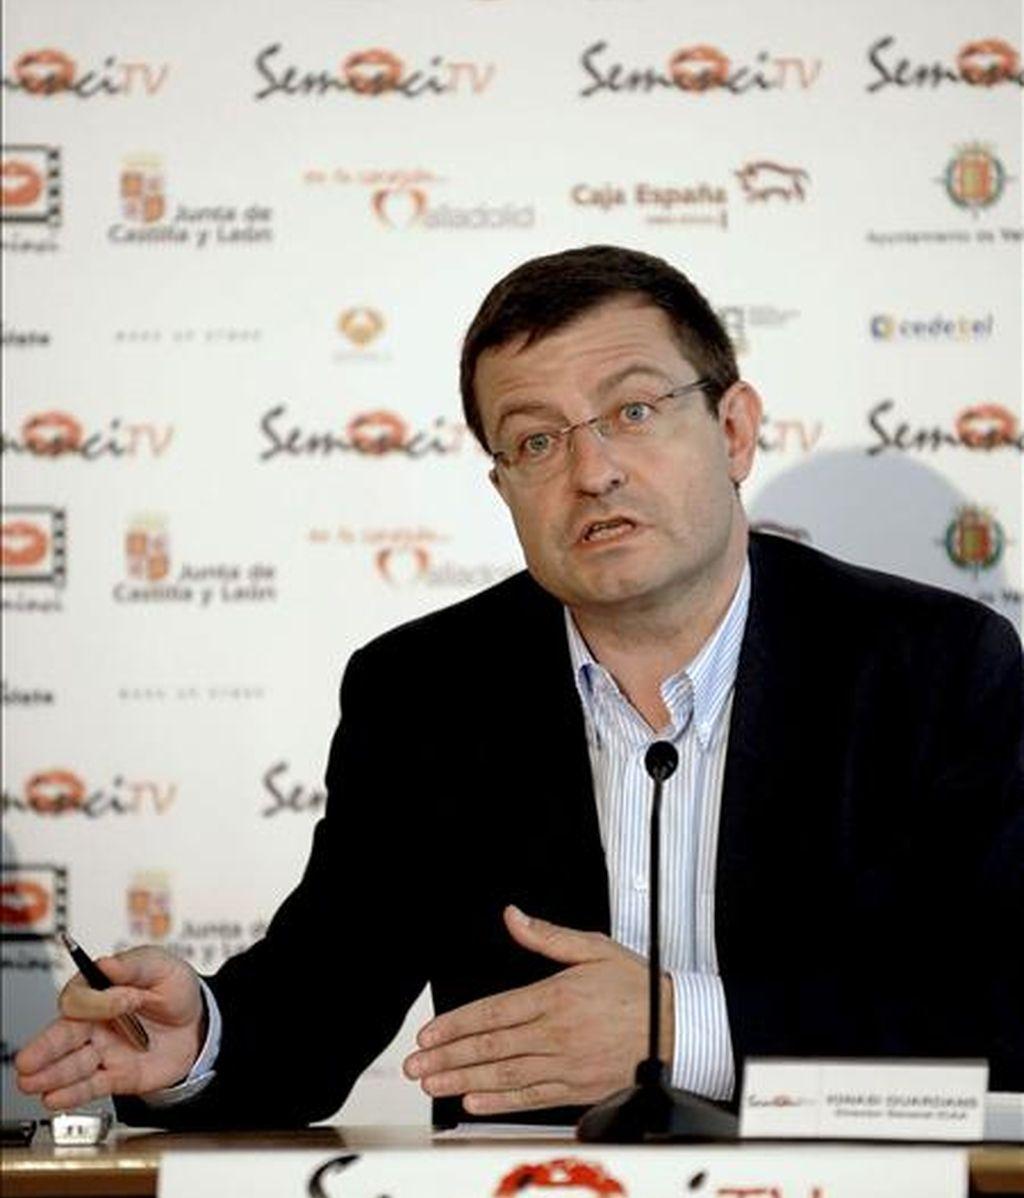 El director general del Instituto de Cinematografía y de las Artes Audiovisuales (ICAA), Ignacio Guardans, durante la rueda de prensa ofrecida esta tarde en Valladolid dentro del Festival Internacional de Cine y Ficción para Televisión (SeminciTV). EFE